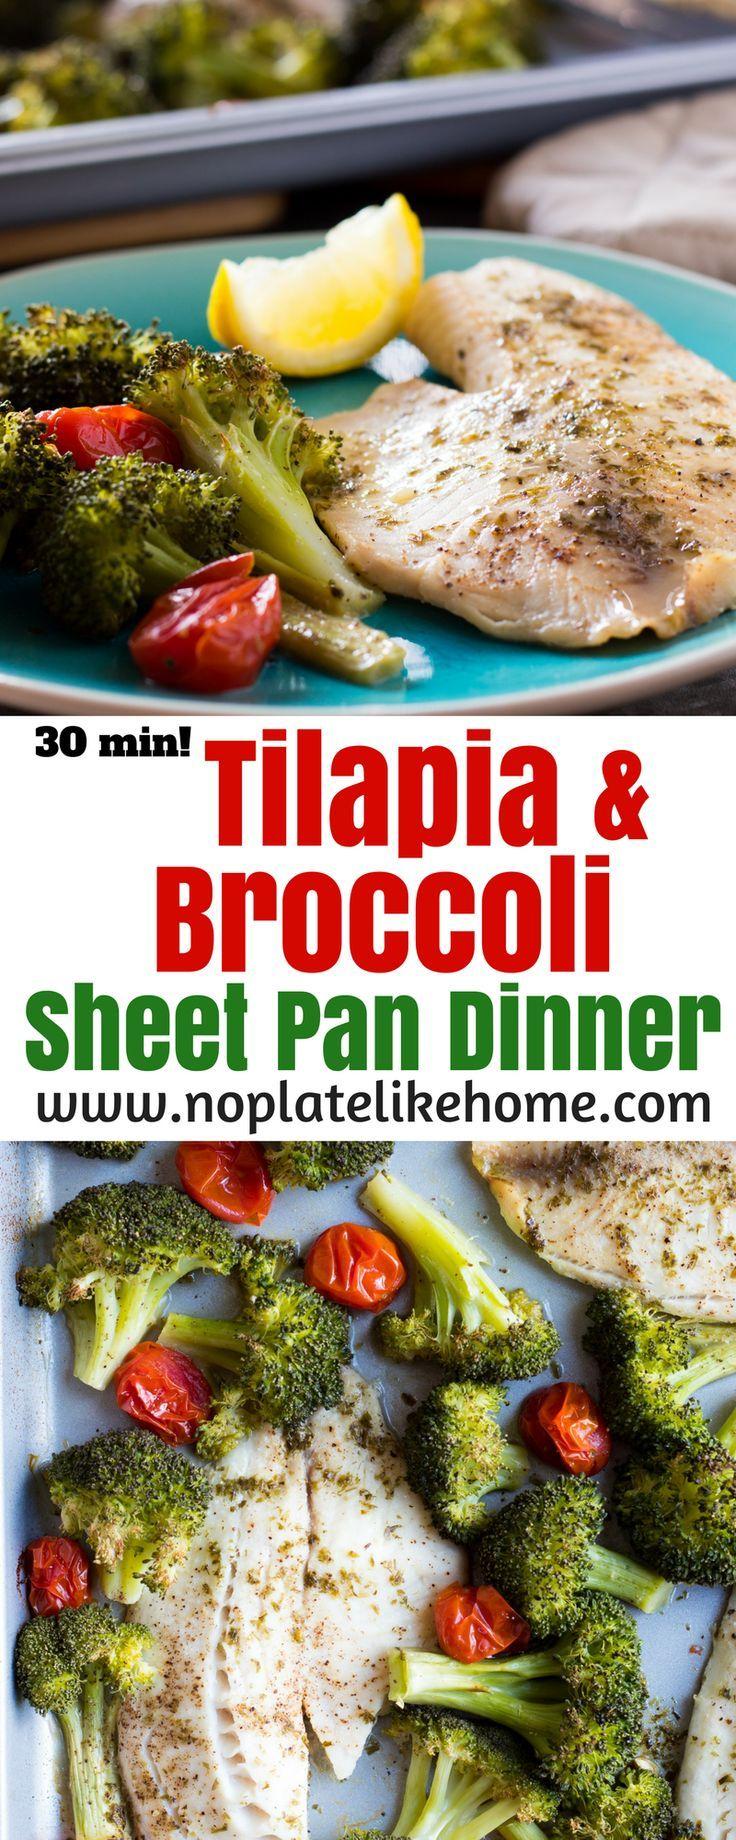 Broccoli and Tilapia sheet pan dinner